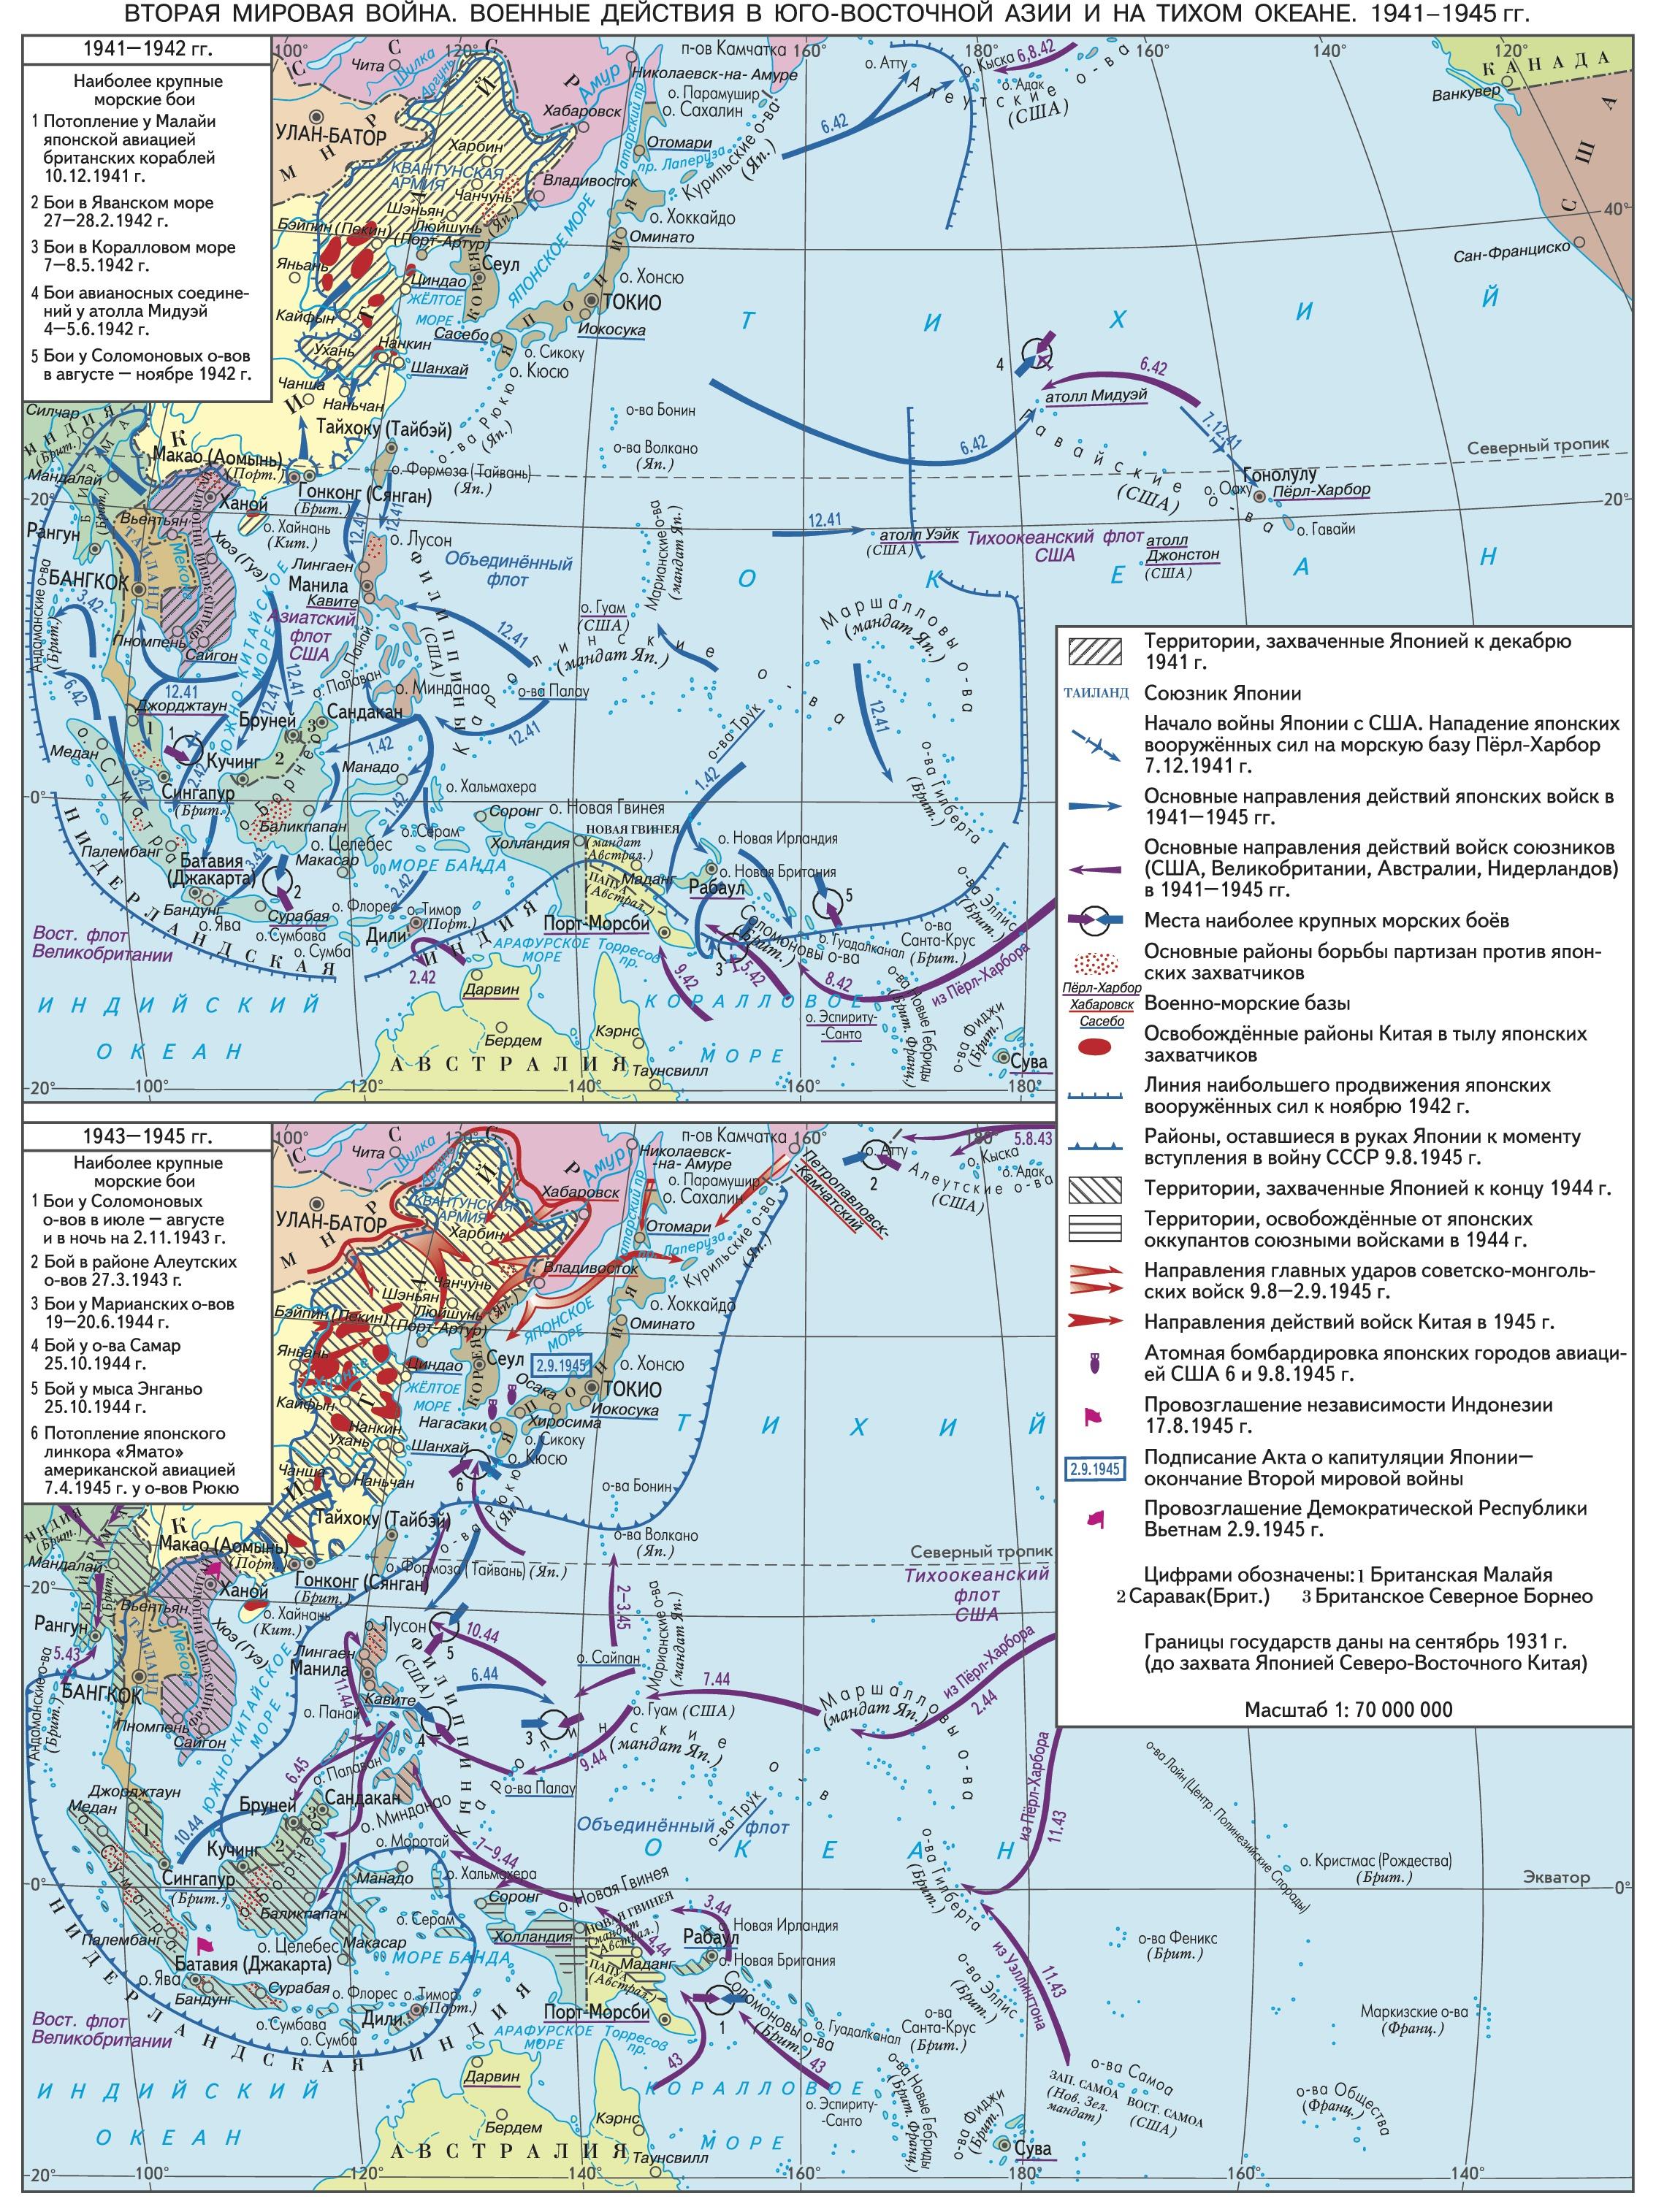 китай во время второй мировой войны